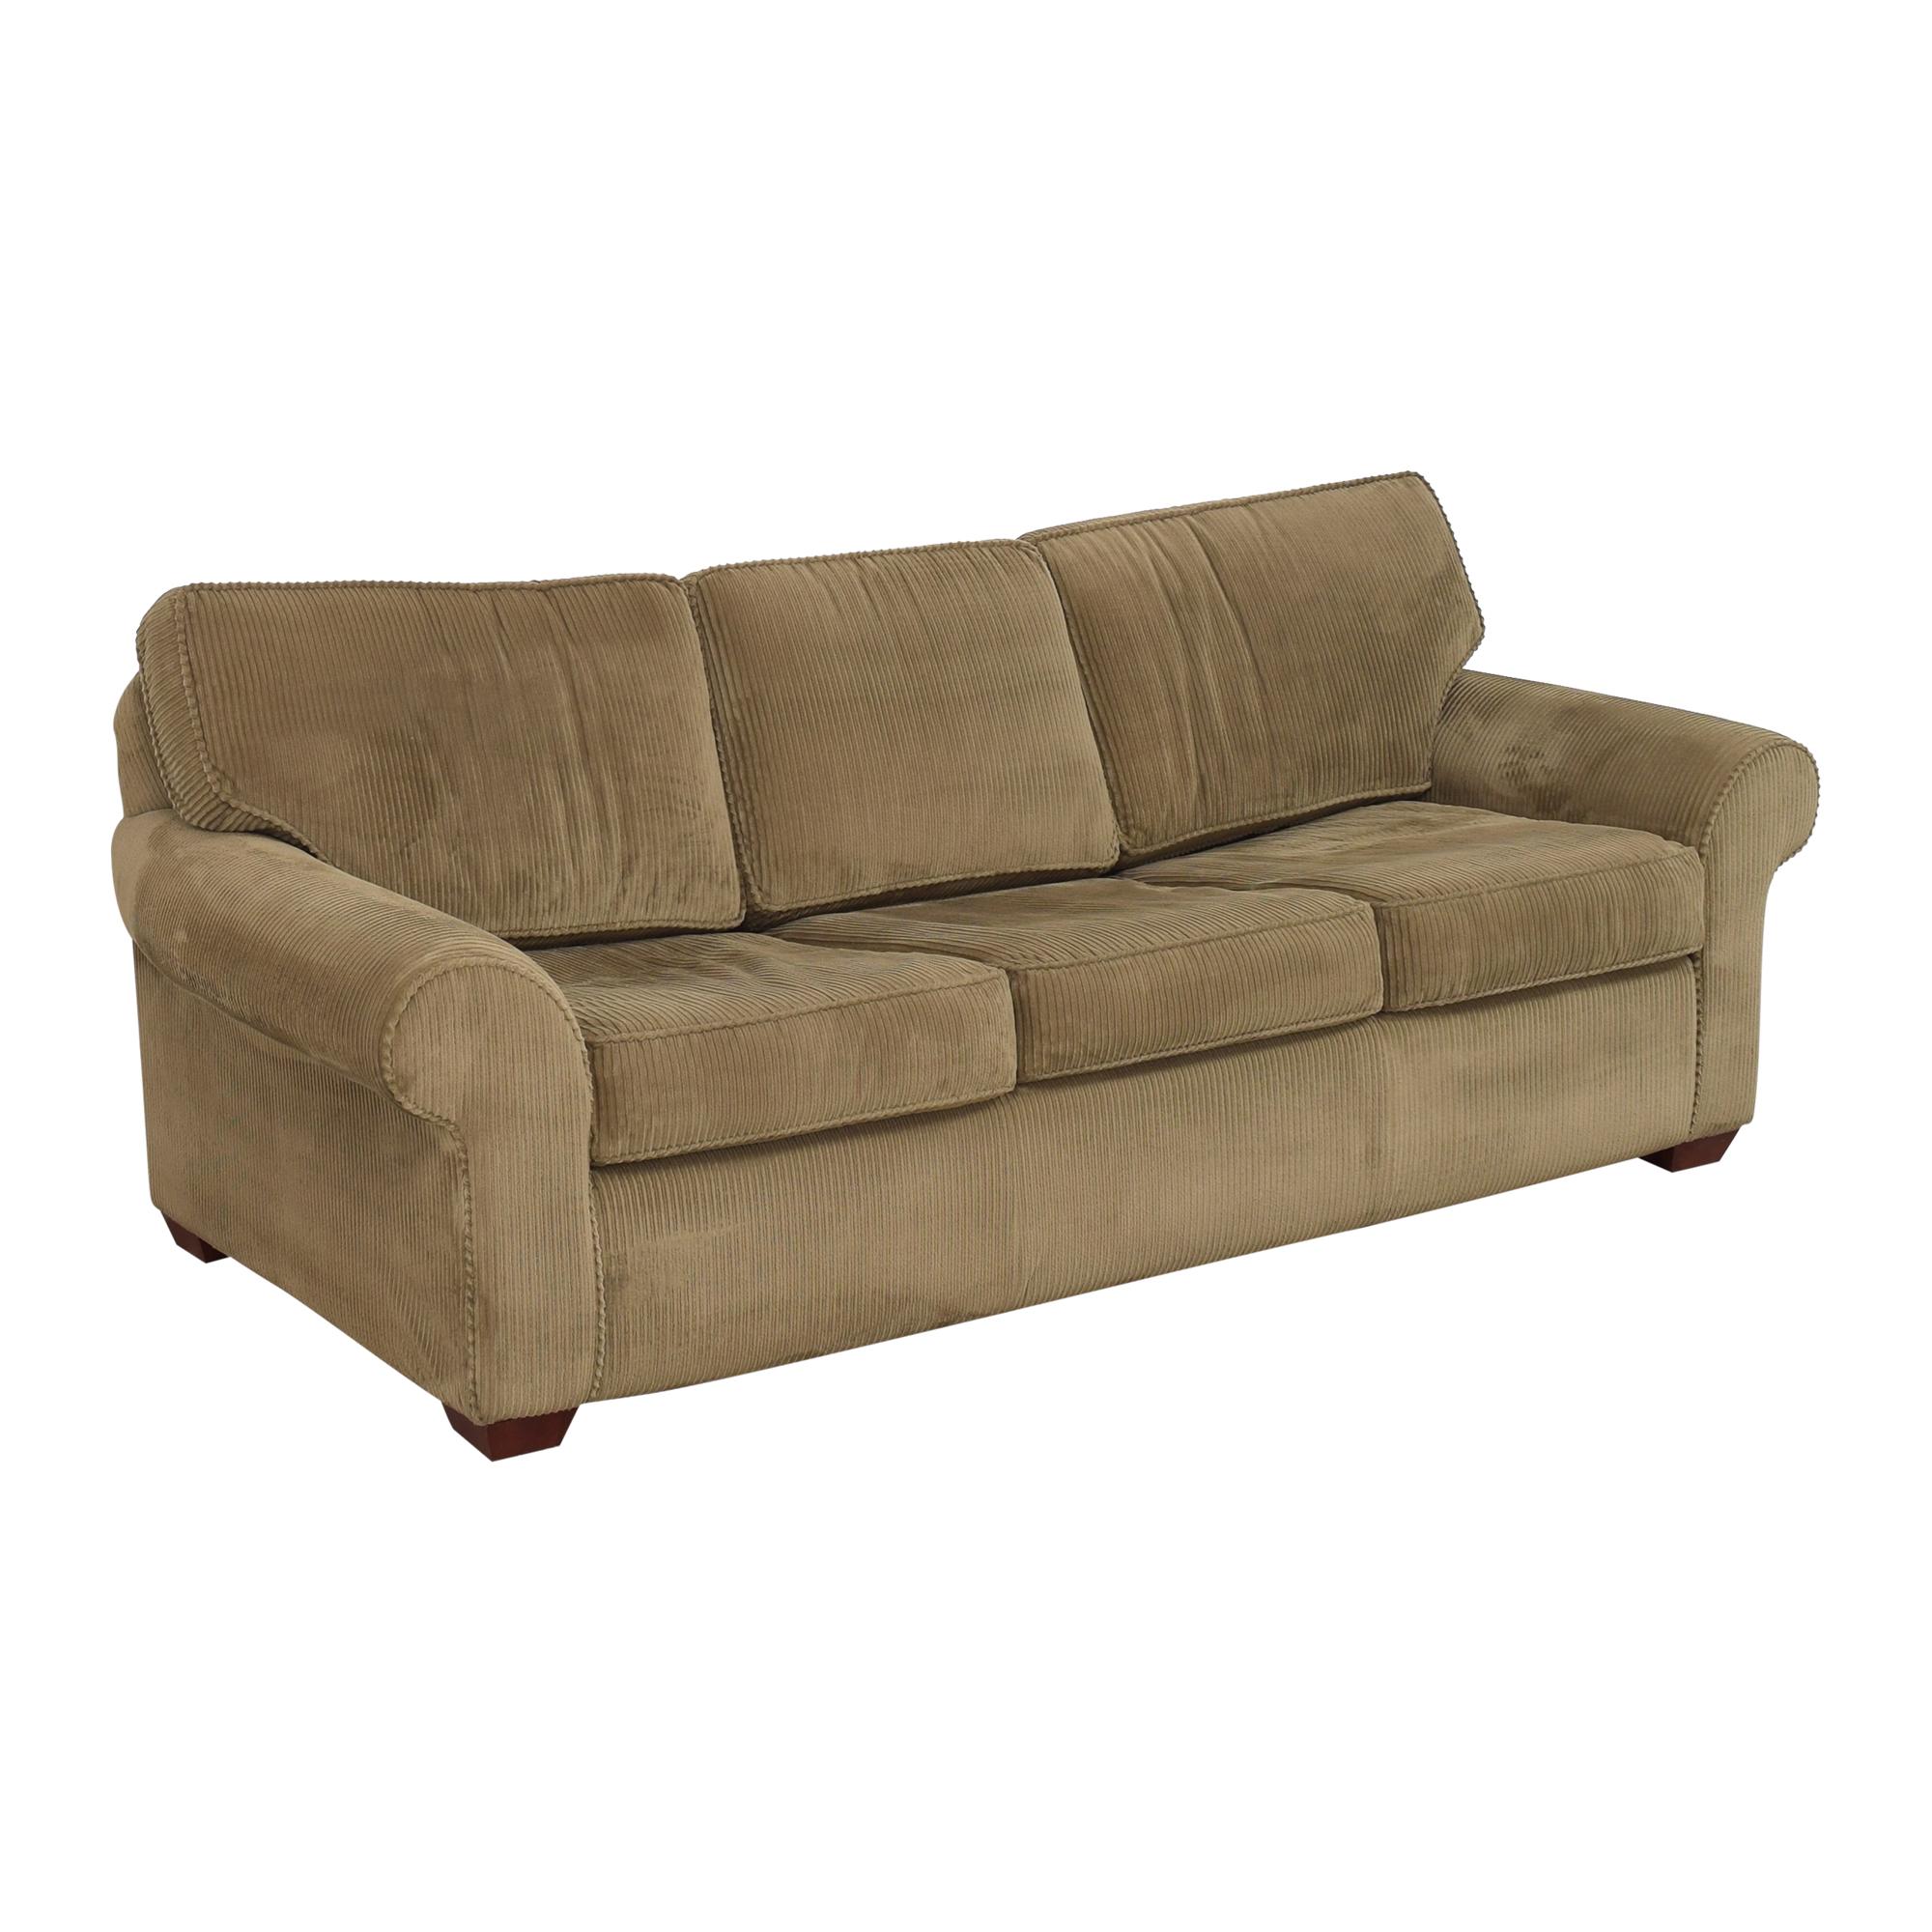 buy Sealy Three Cushion Sleeper Sofa Sealy